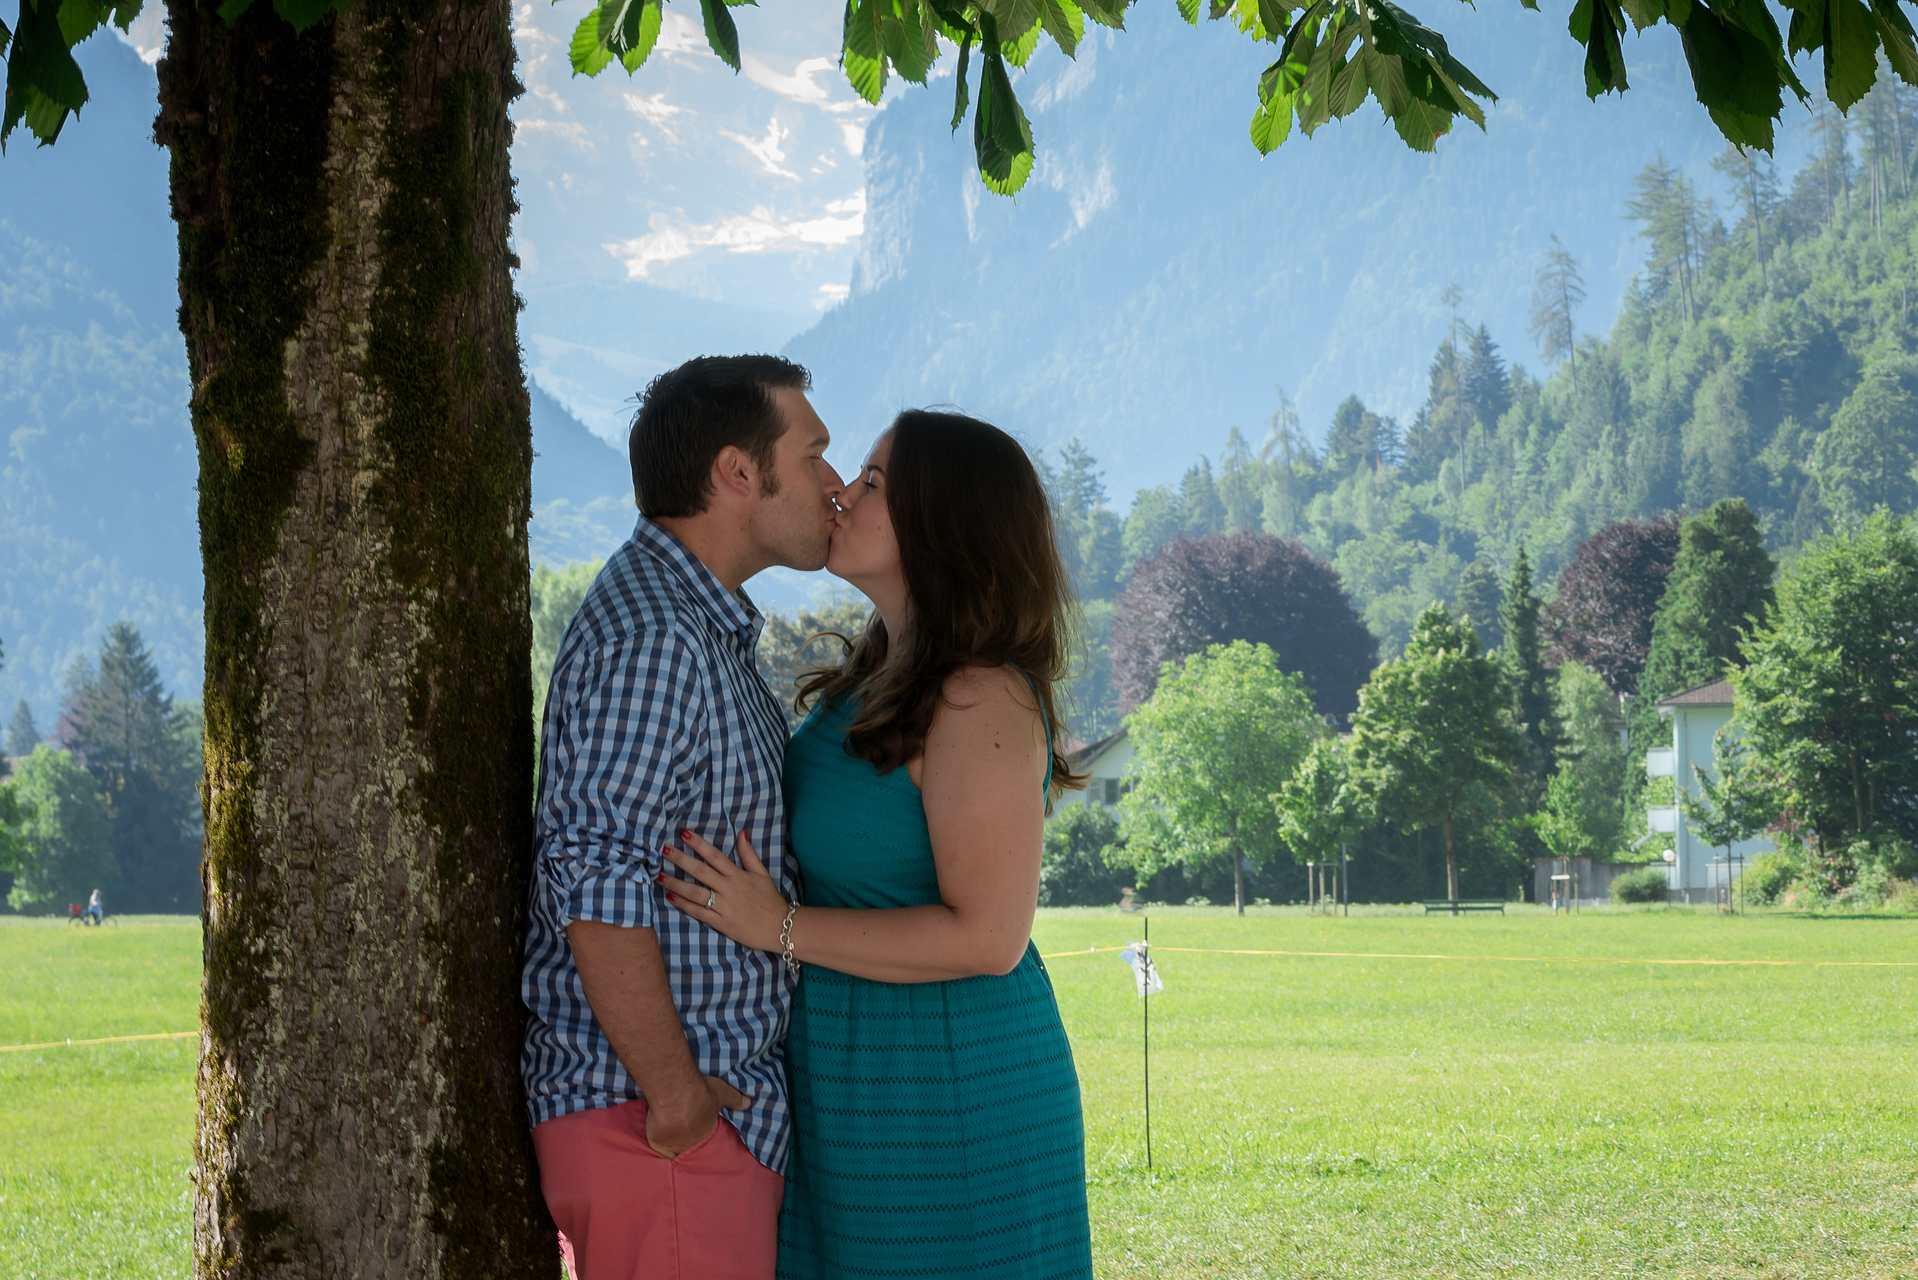 Couple photo shoot in Interlaken